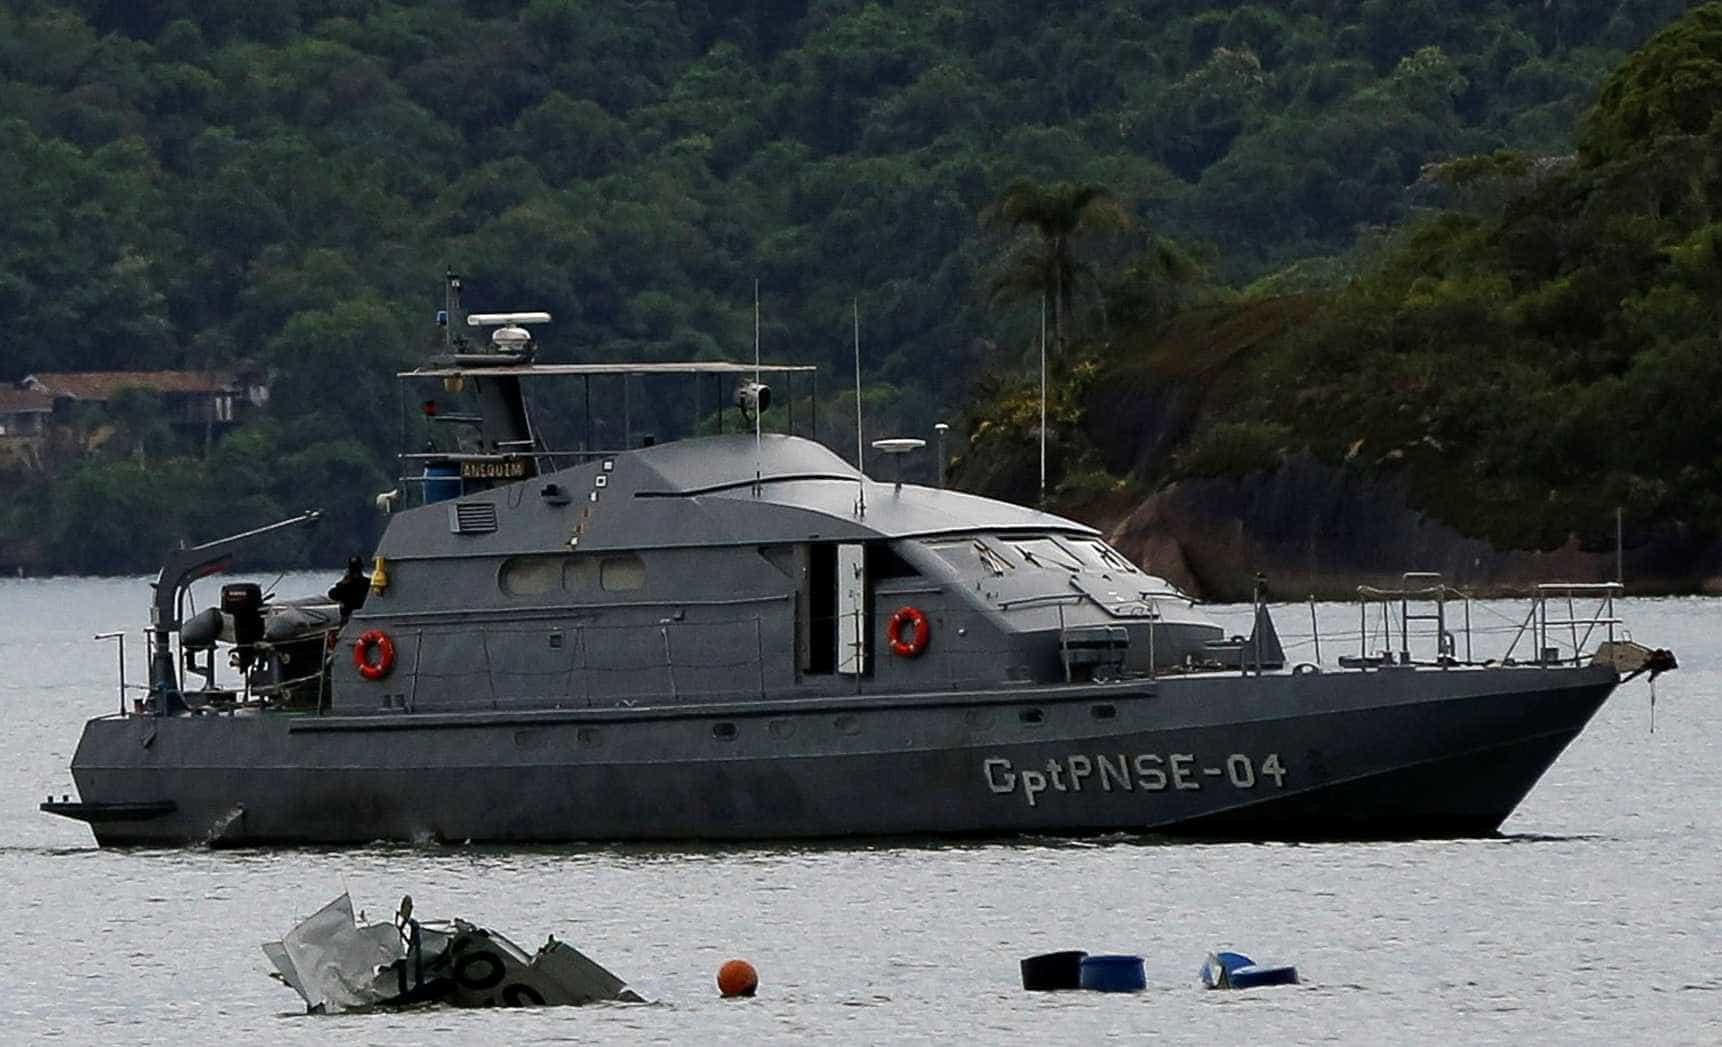 Retirada de avião do mar em Paraty será retomada neste domingo